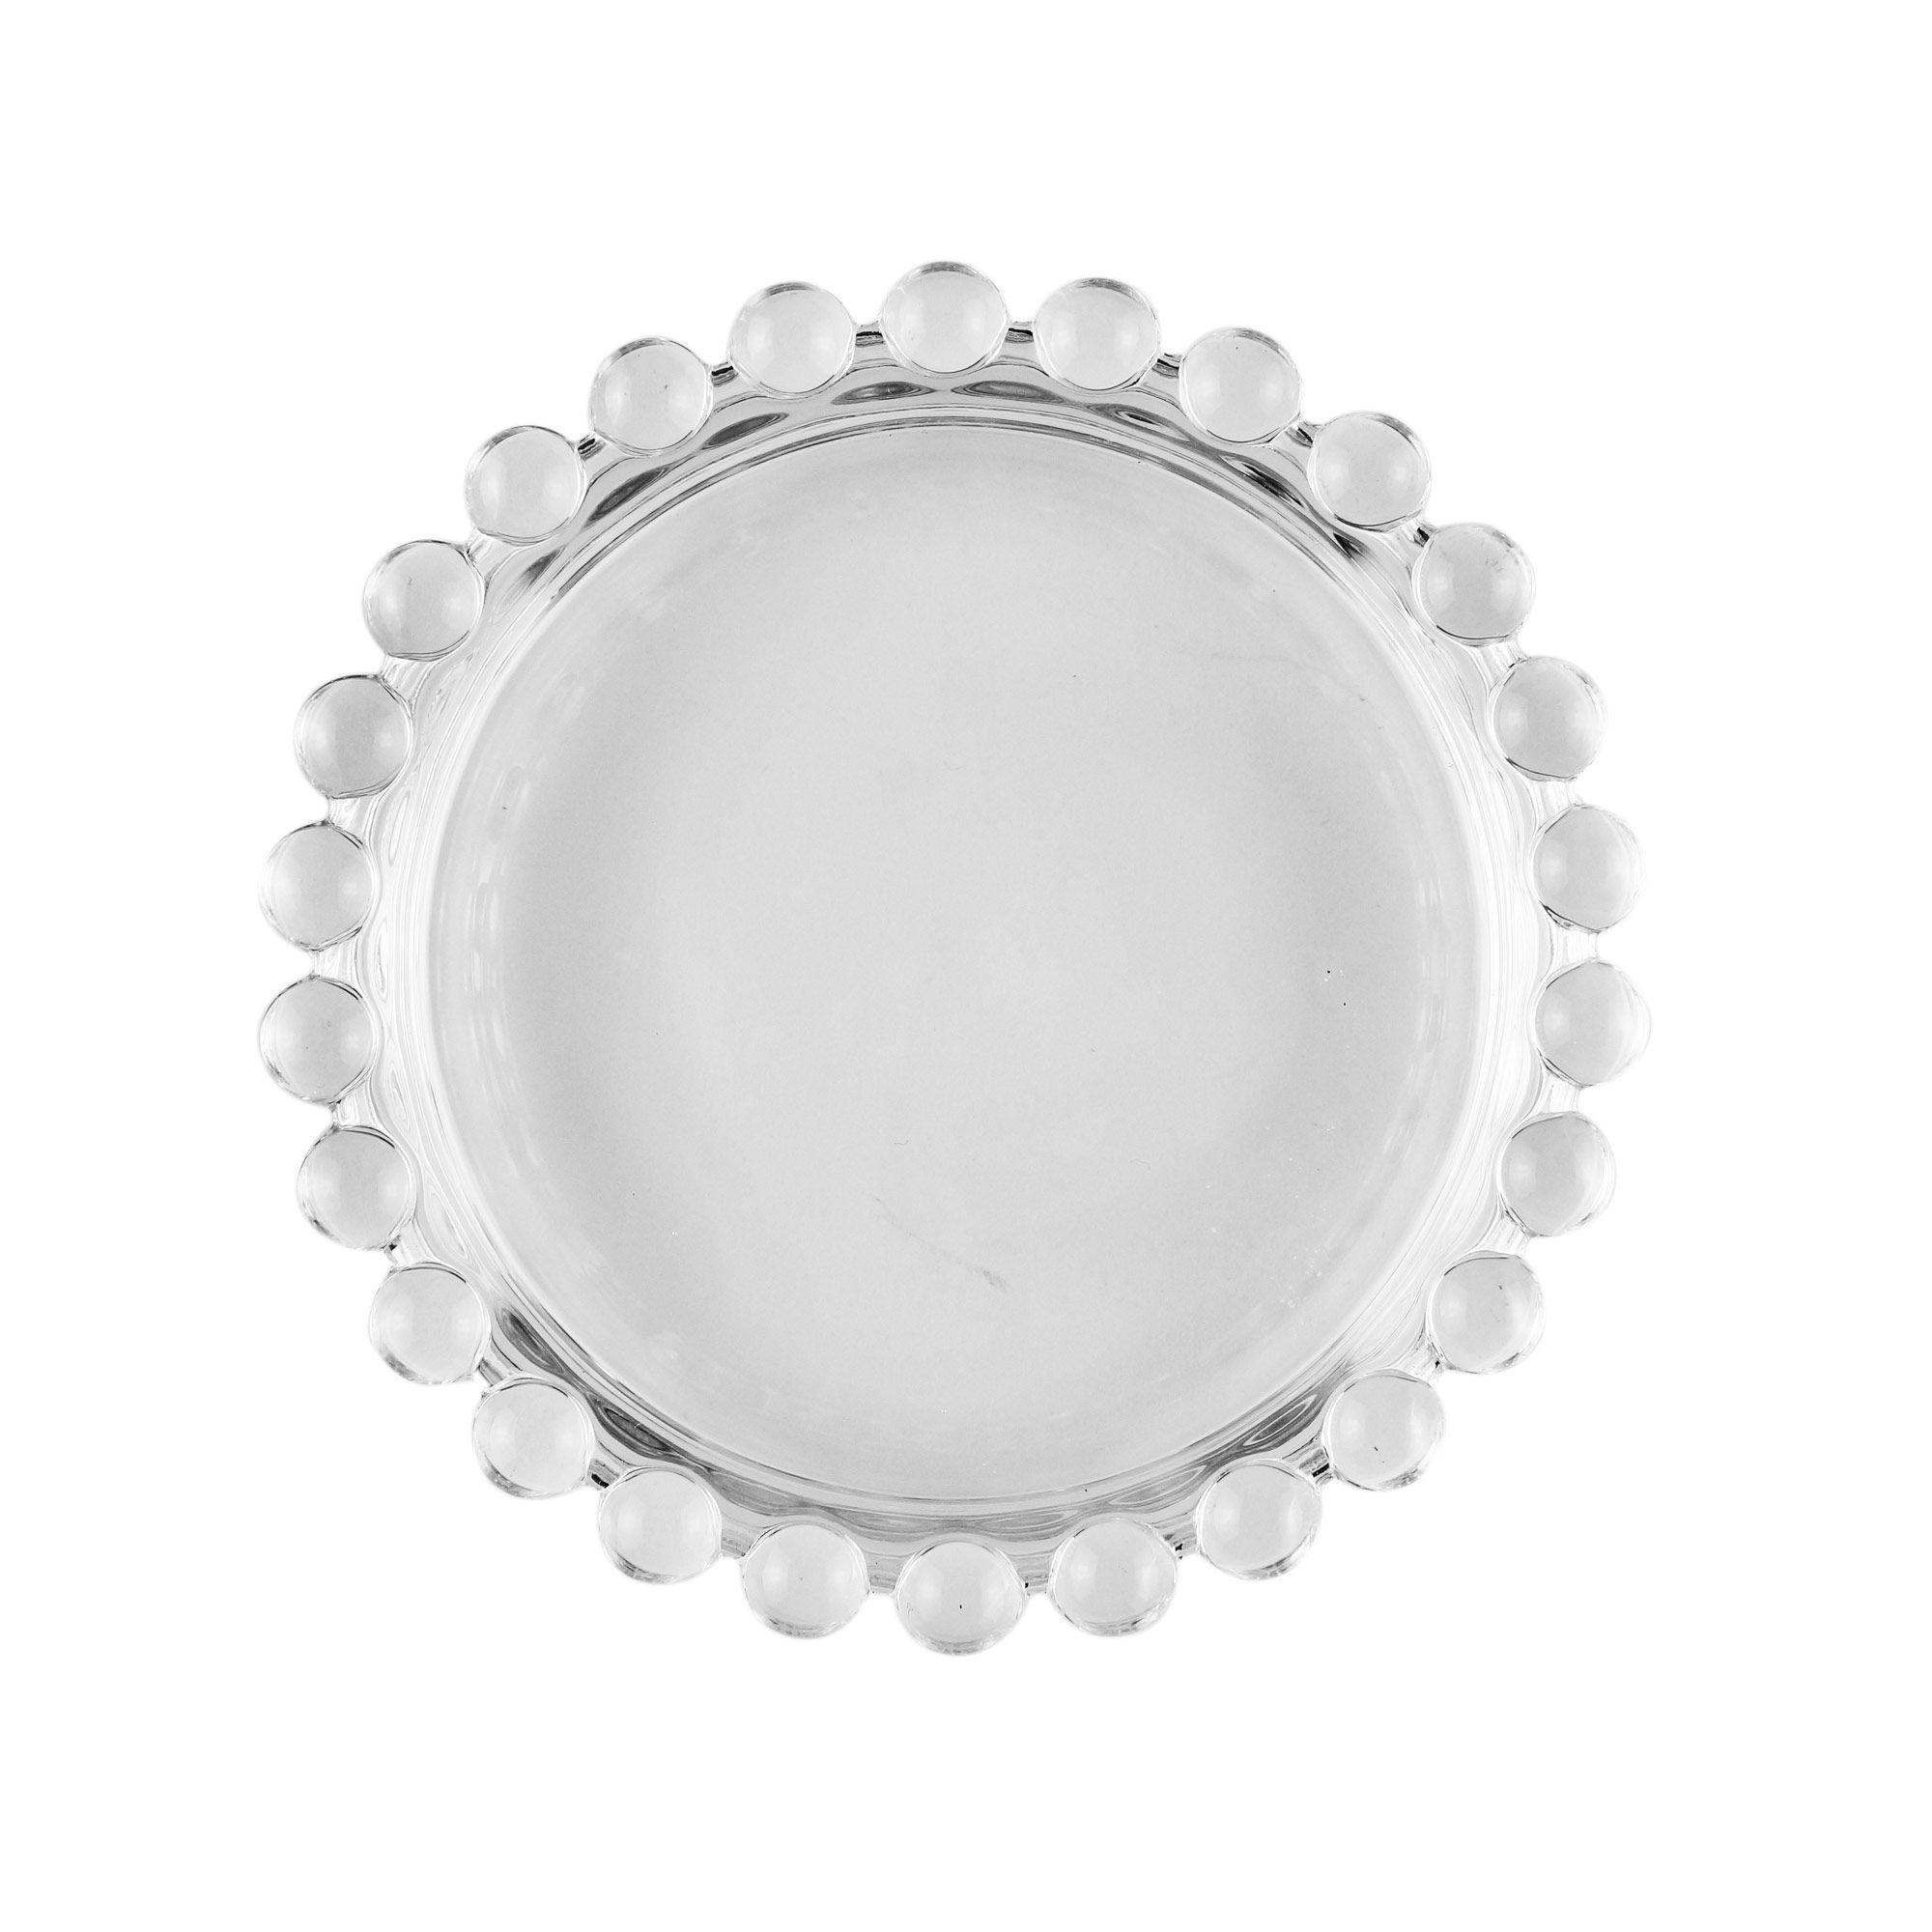 Jogo 4 pratos 10 cm para sobremesa de cristal transparente Pearl Wolff - 27897